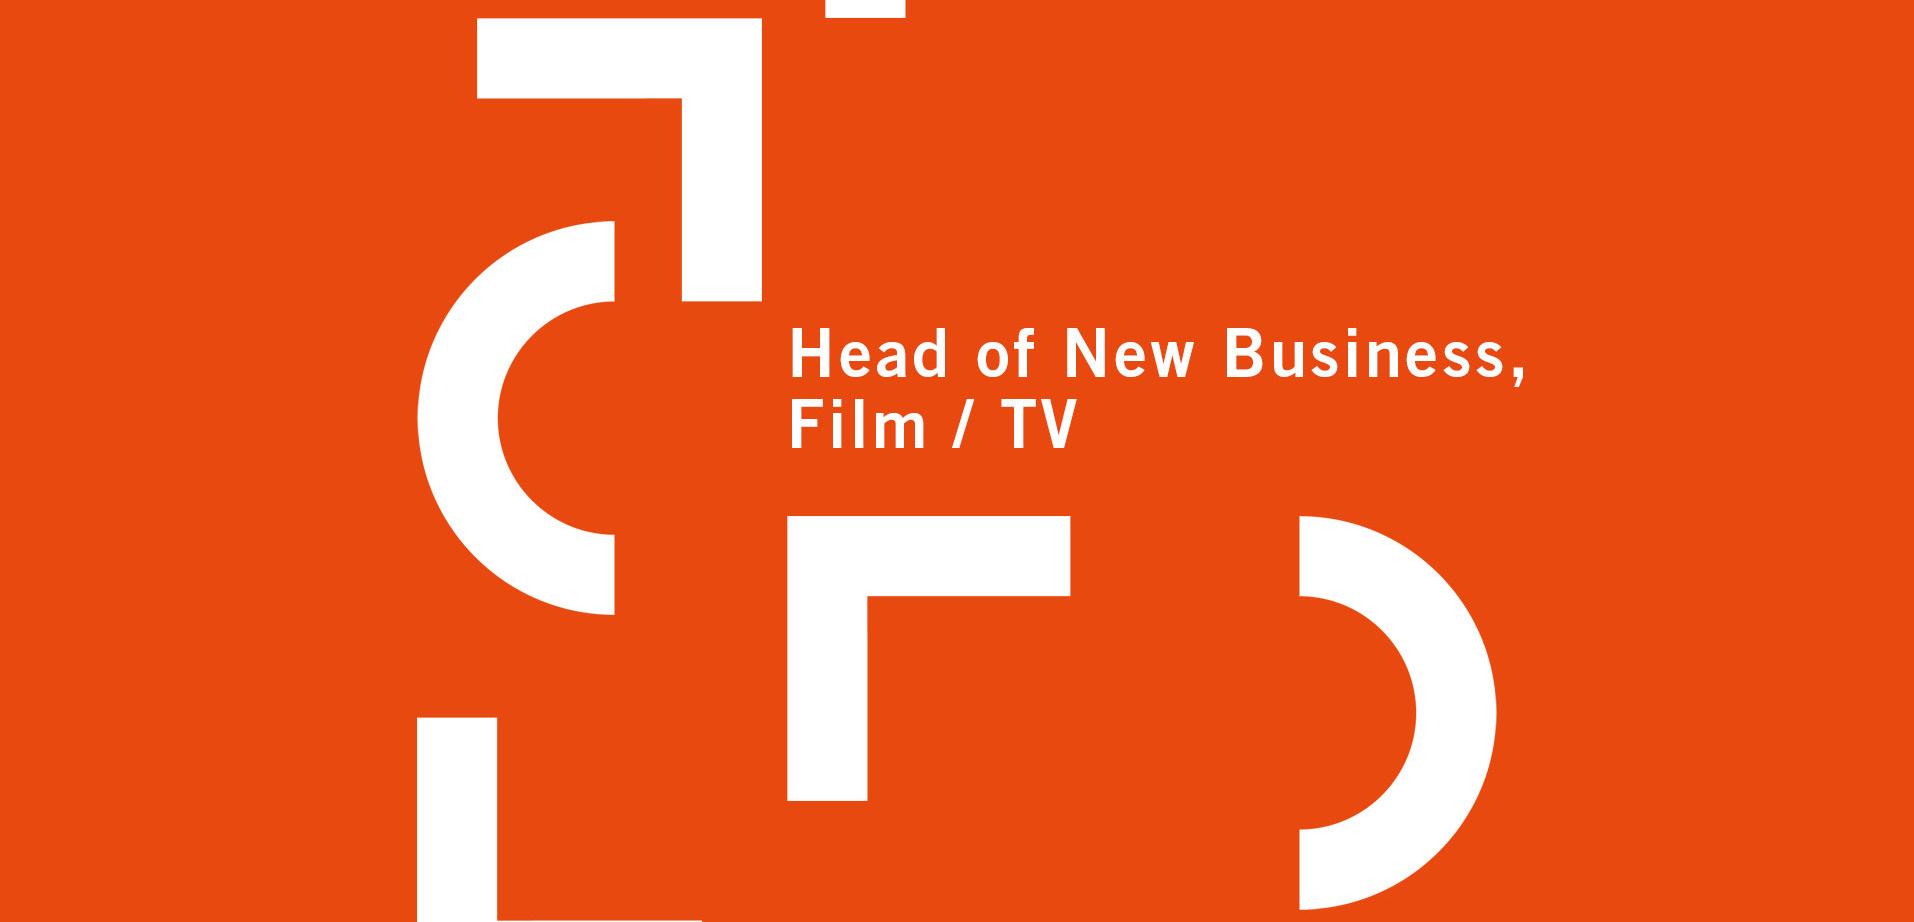 Ho NBFTV